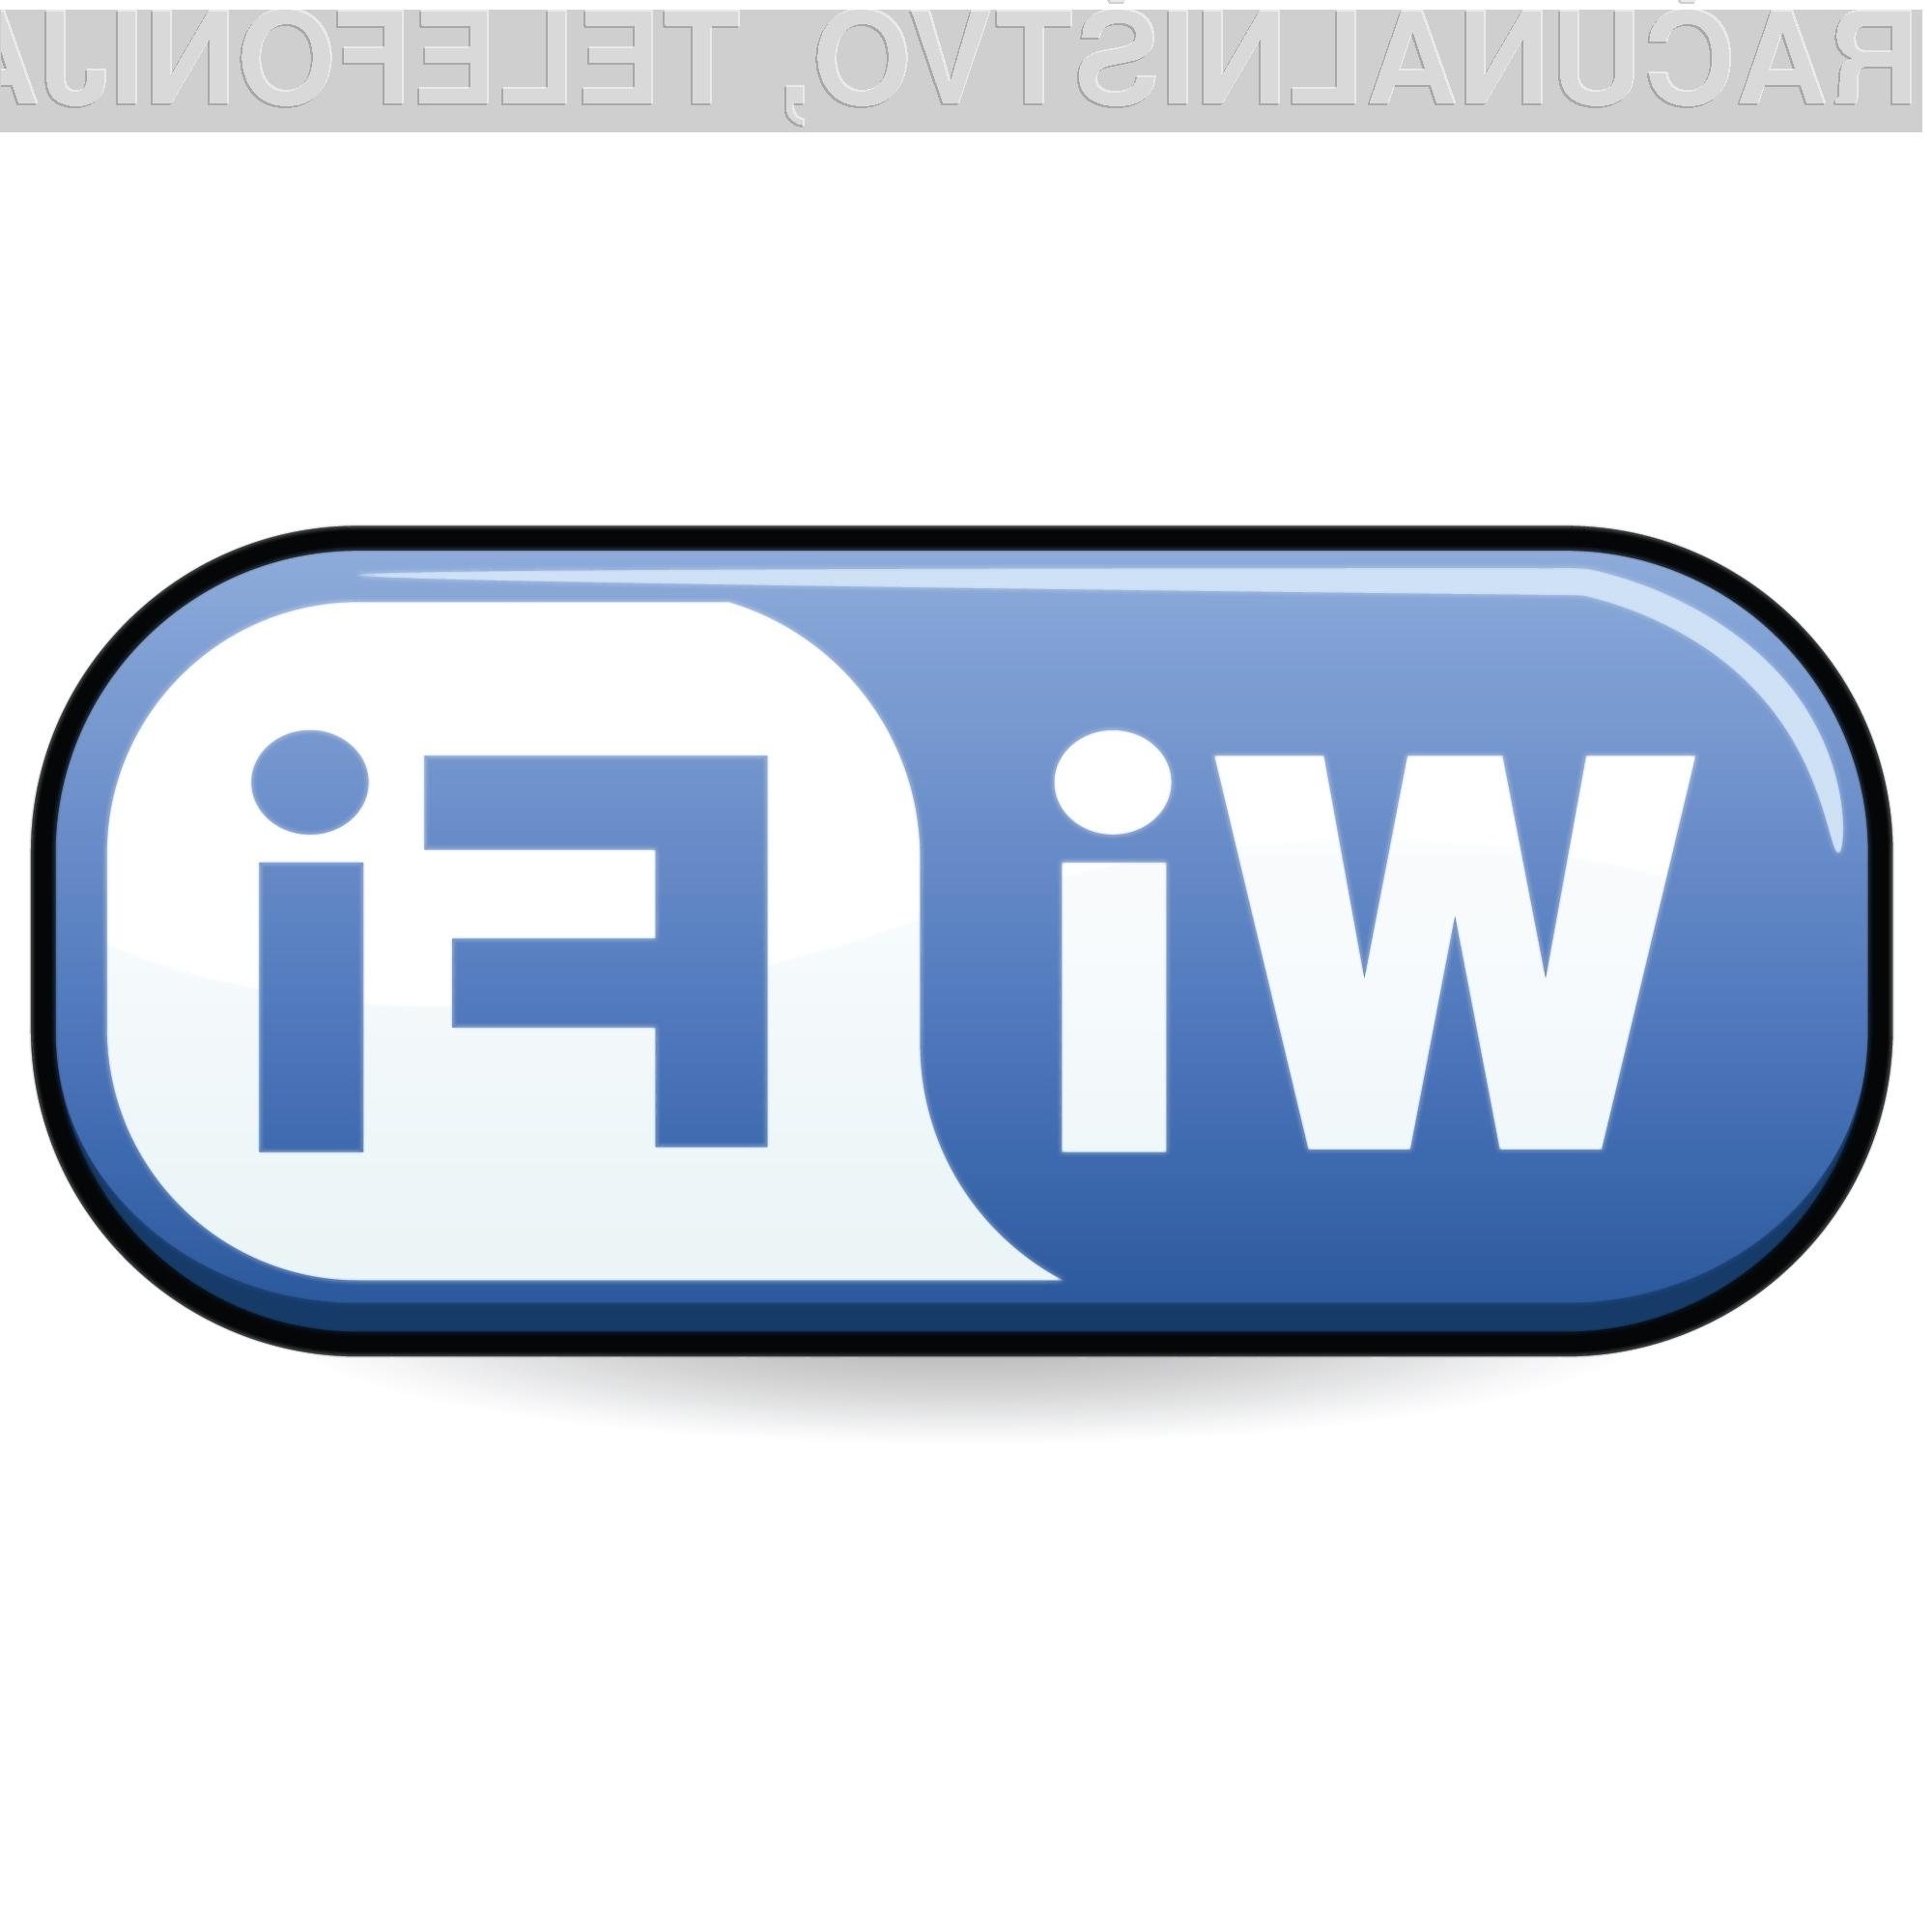 WiFi bo v bližnji prihodnosti še hitrejši.